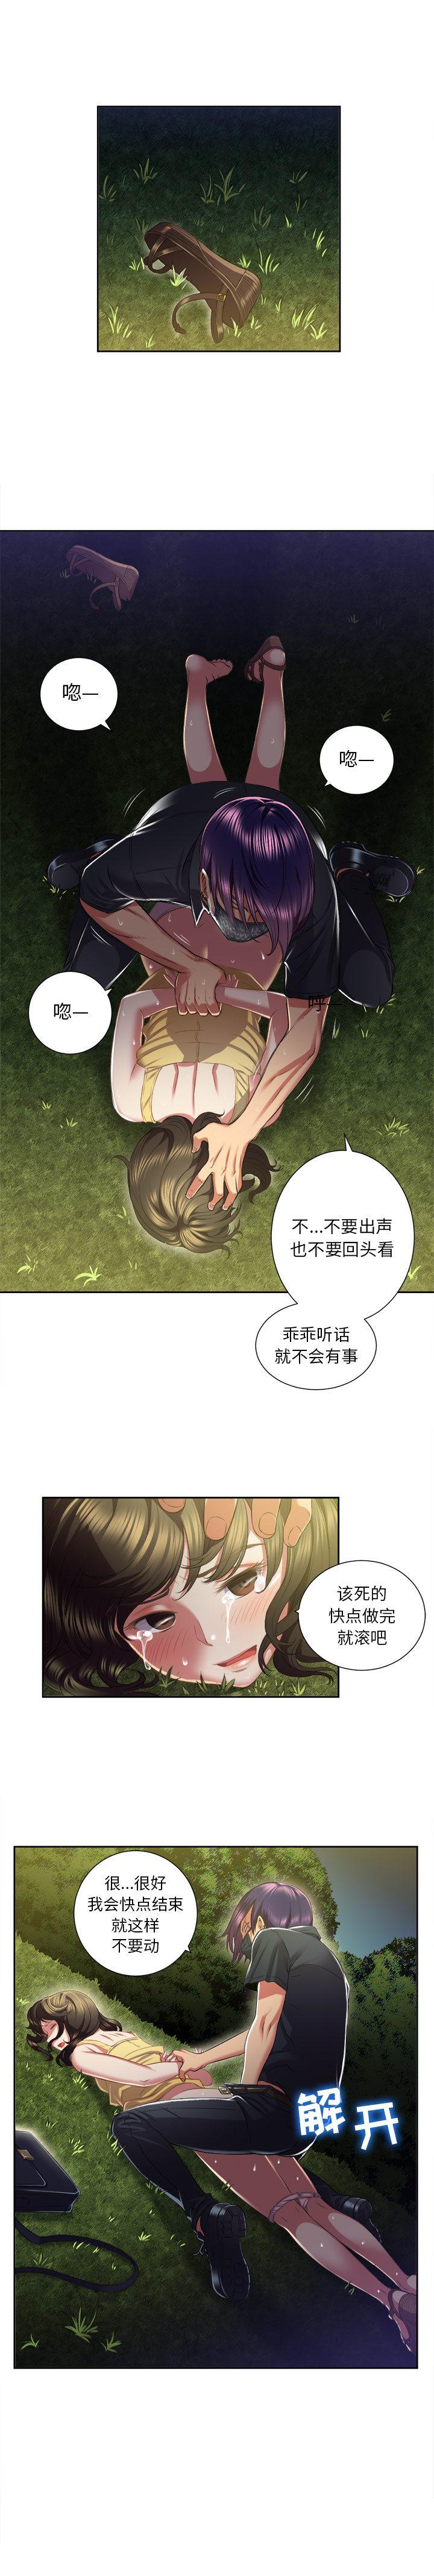 由莉的秘密1-60 中文翻译 (更新中) 114